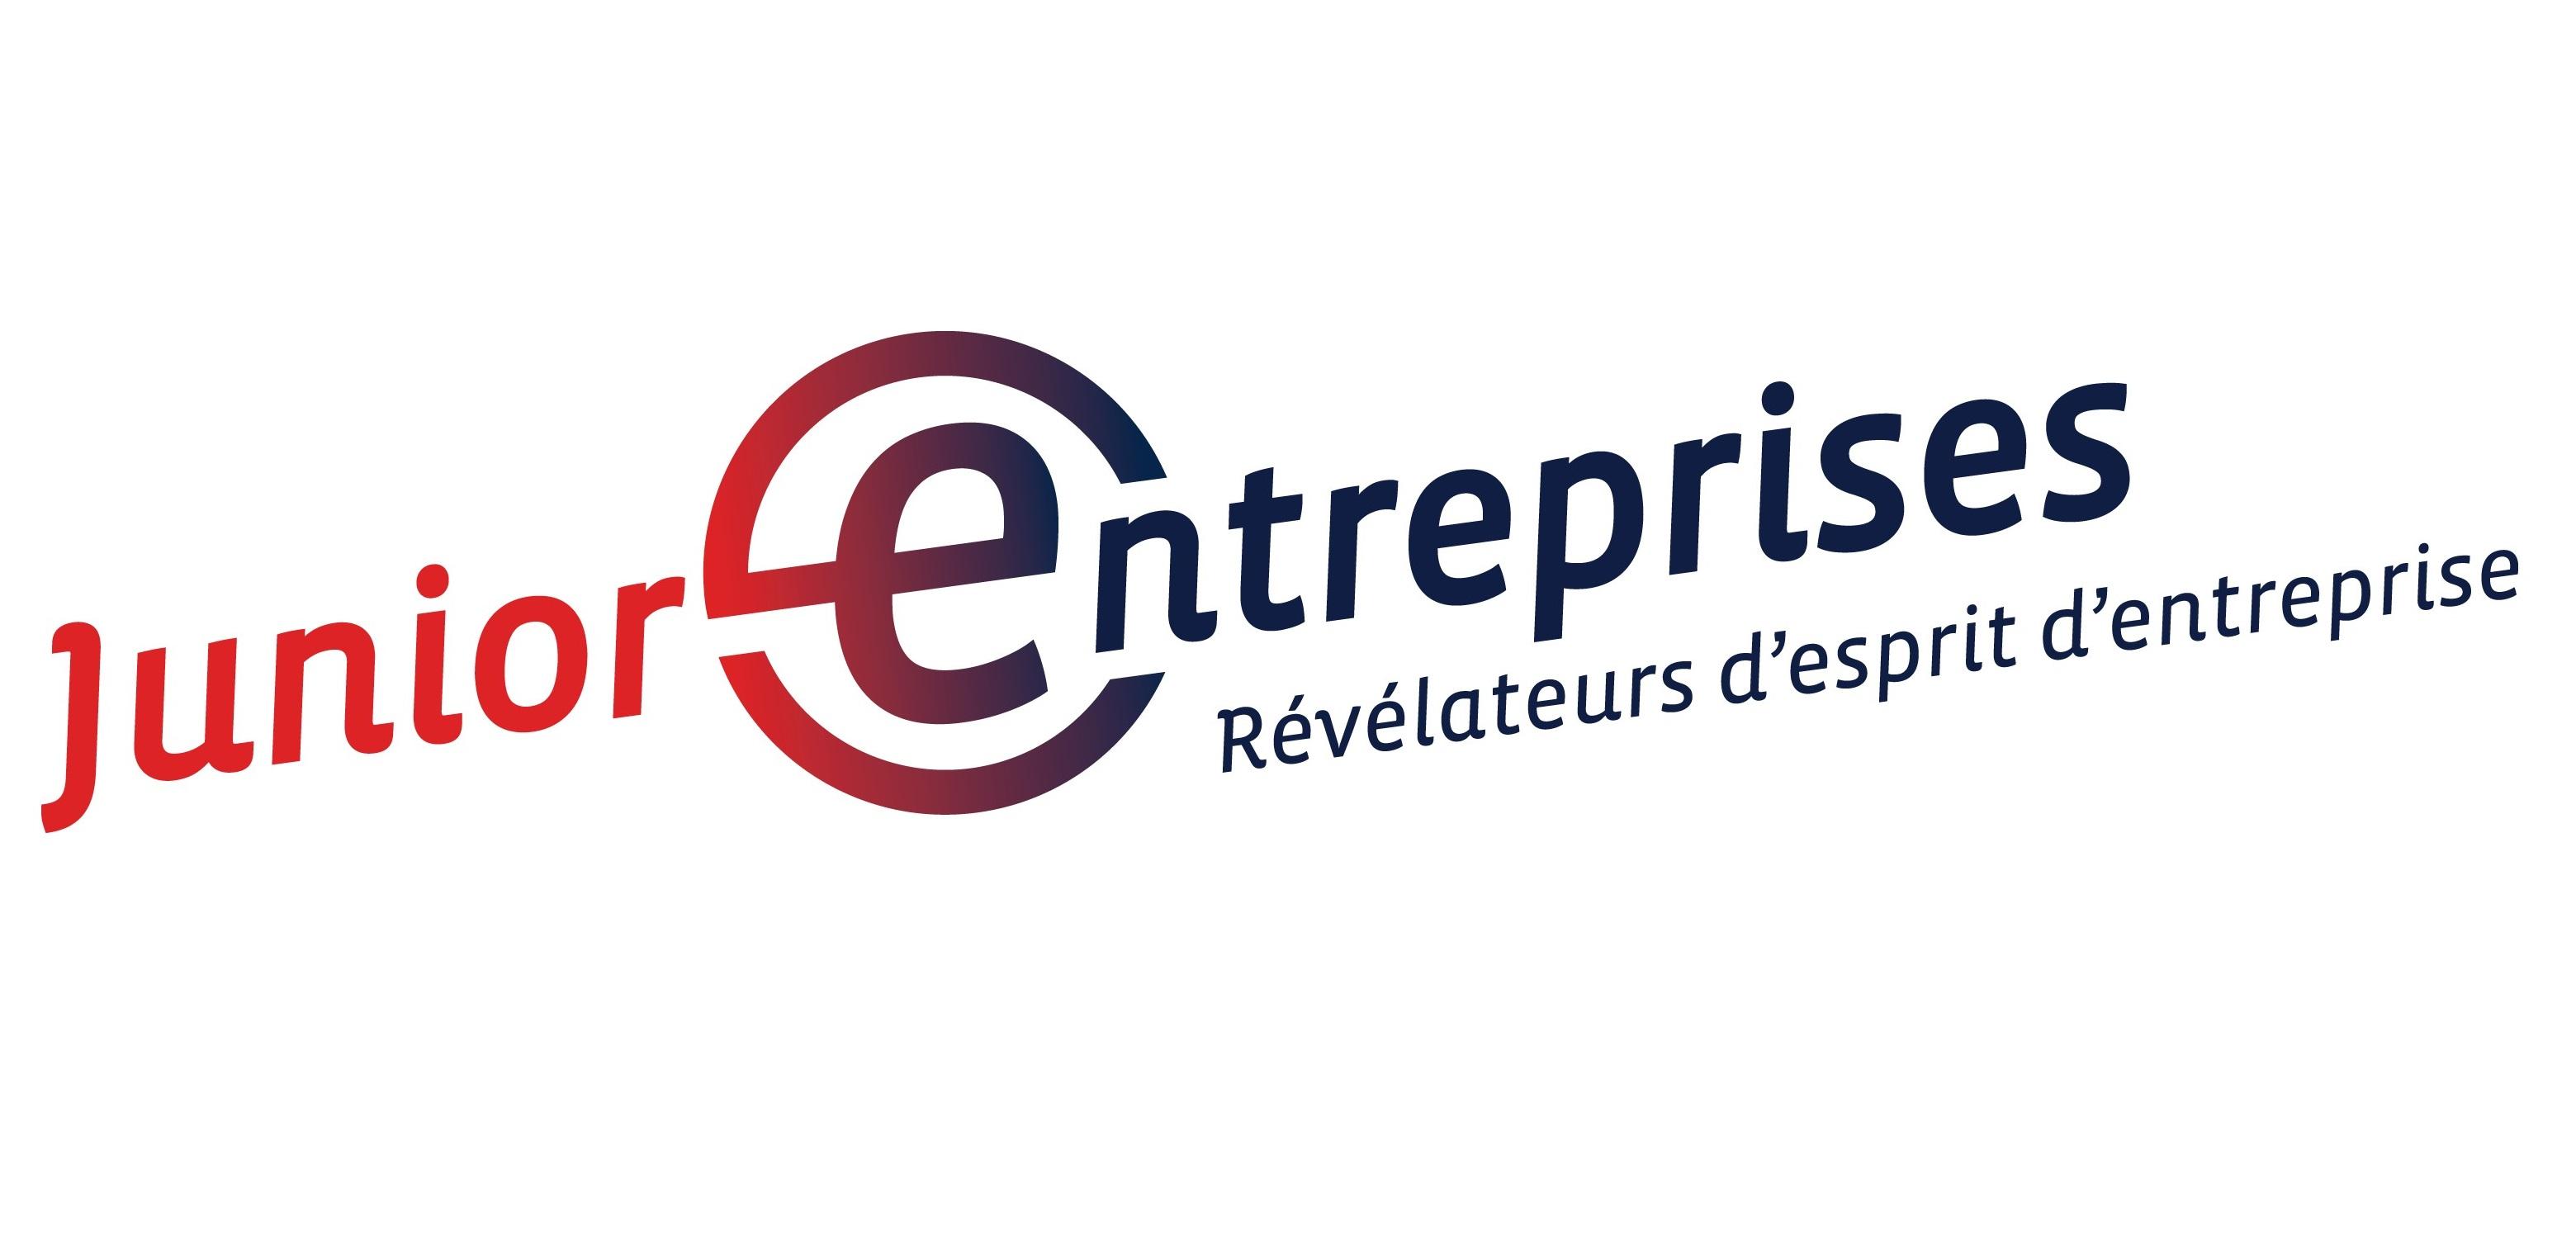 Entrepreneurs à petits budgets : les Junior-Entreprises sont faites pour vous !